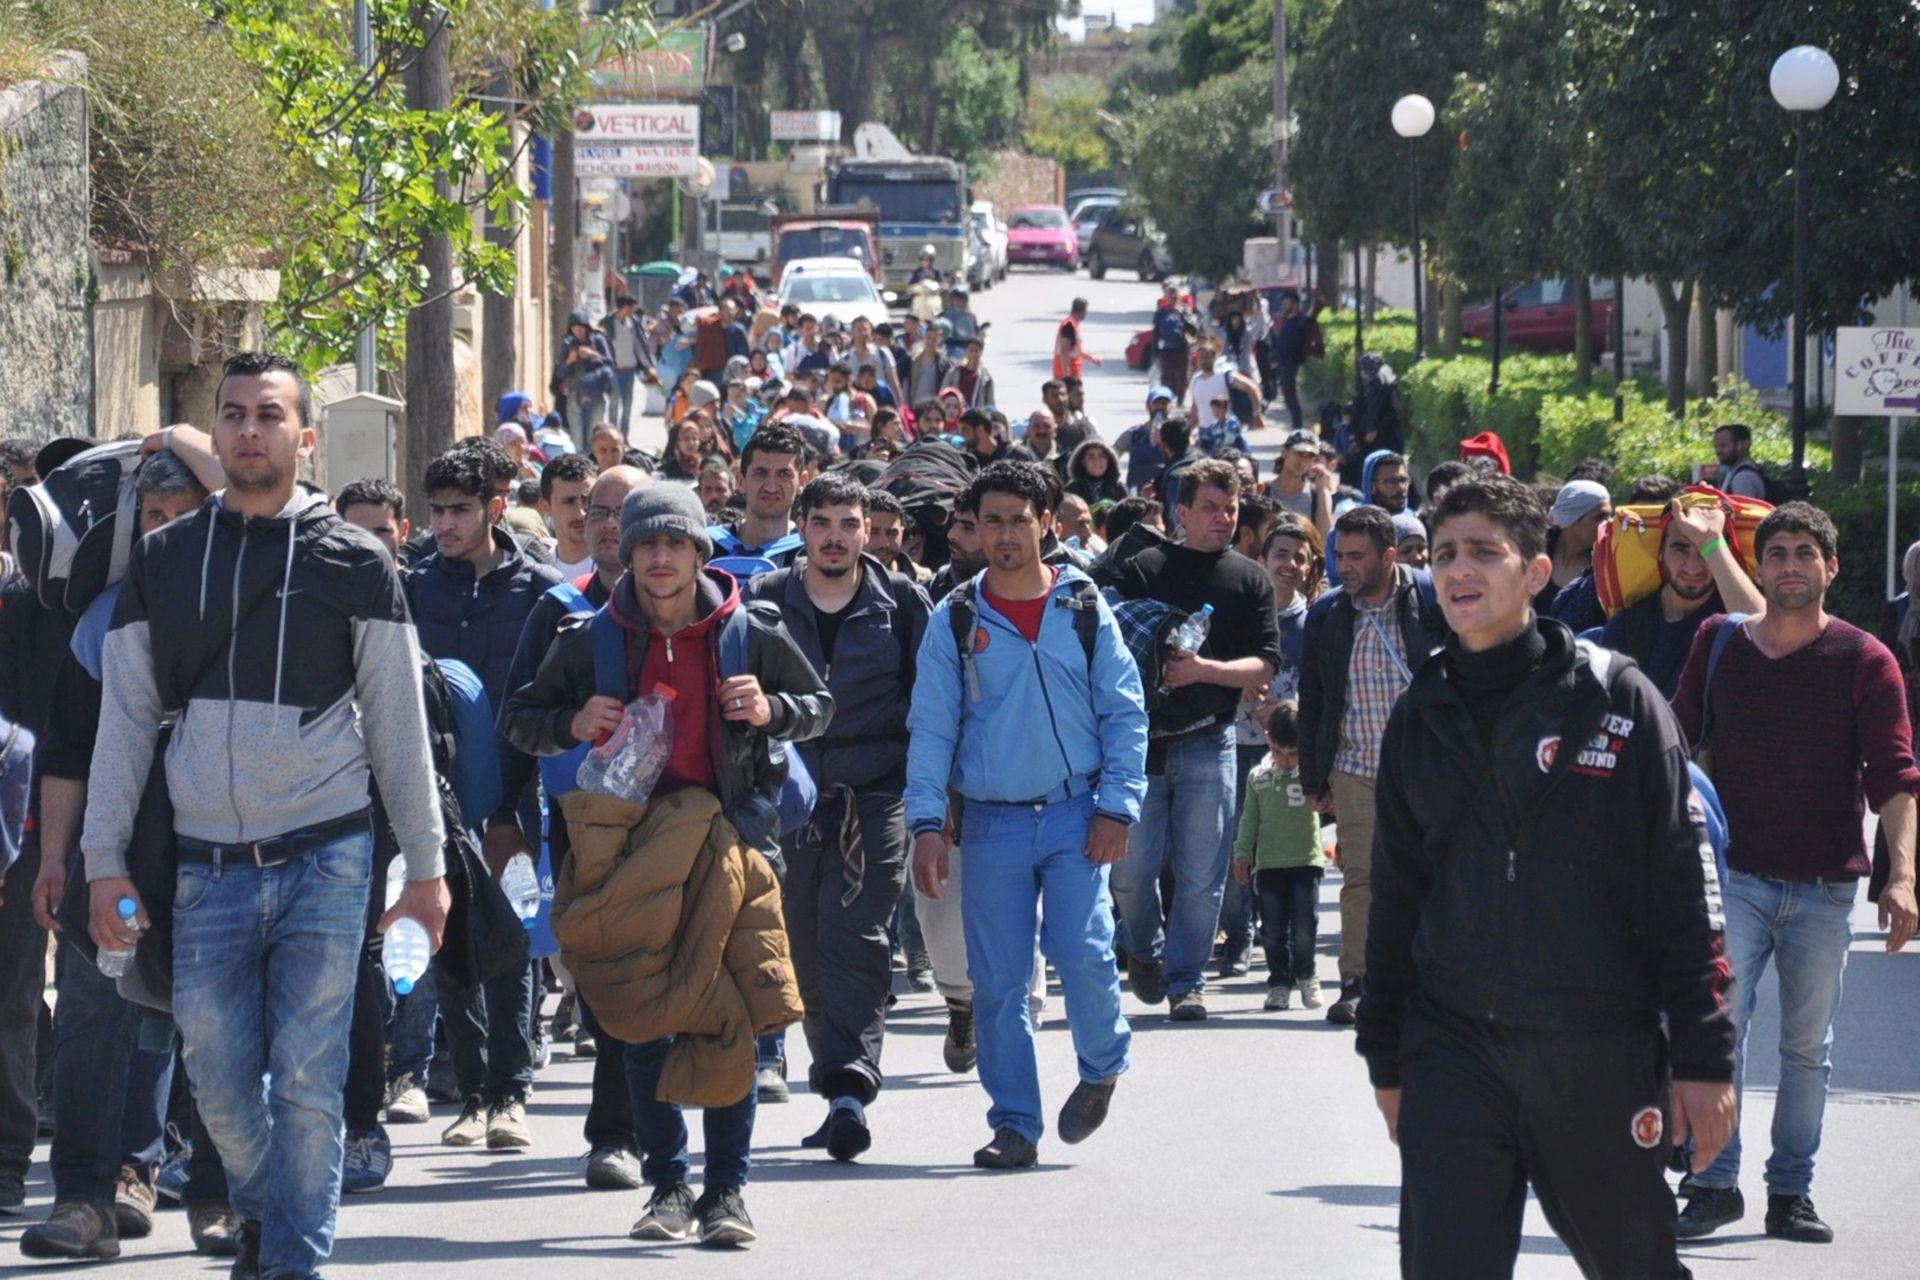 MSF: Sporazum EU-Turska povijesna je abdikacija moralnih vrijednosti Europe